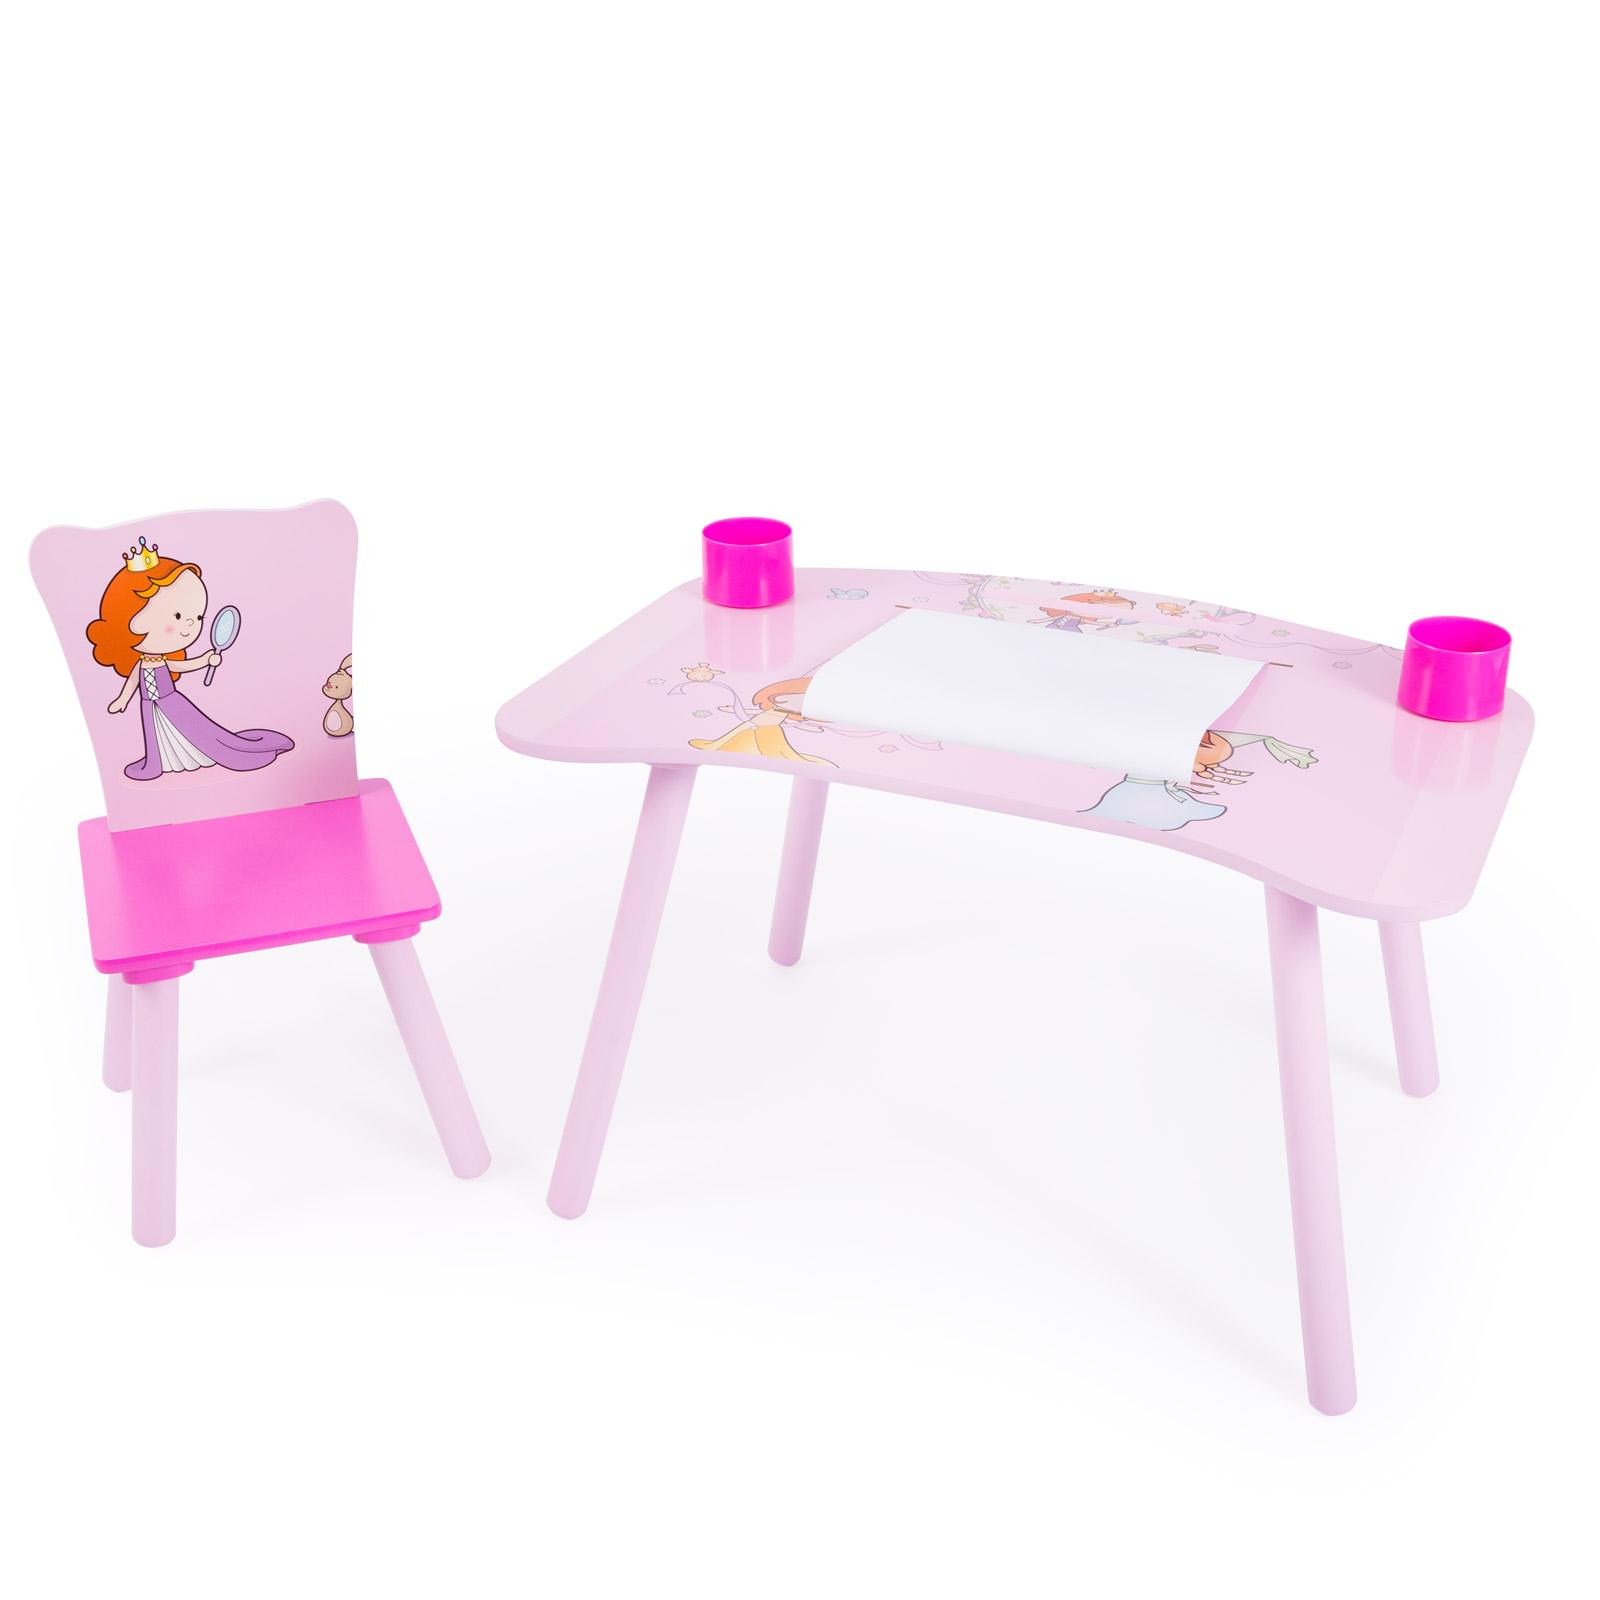 c1bef3074421 Home style 4 you Detský stolík so stoličkou Princezné